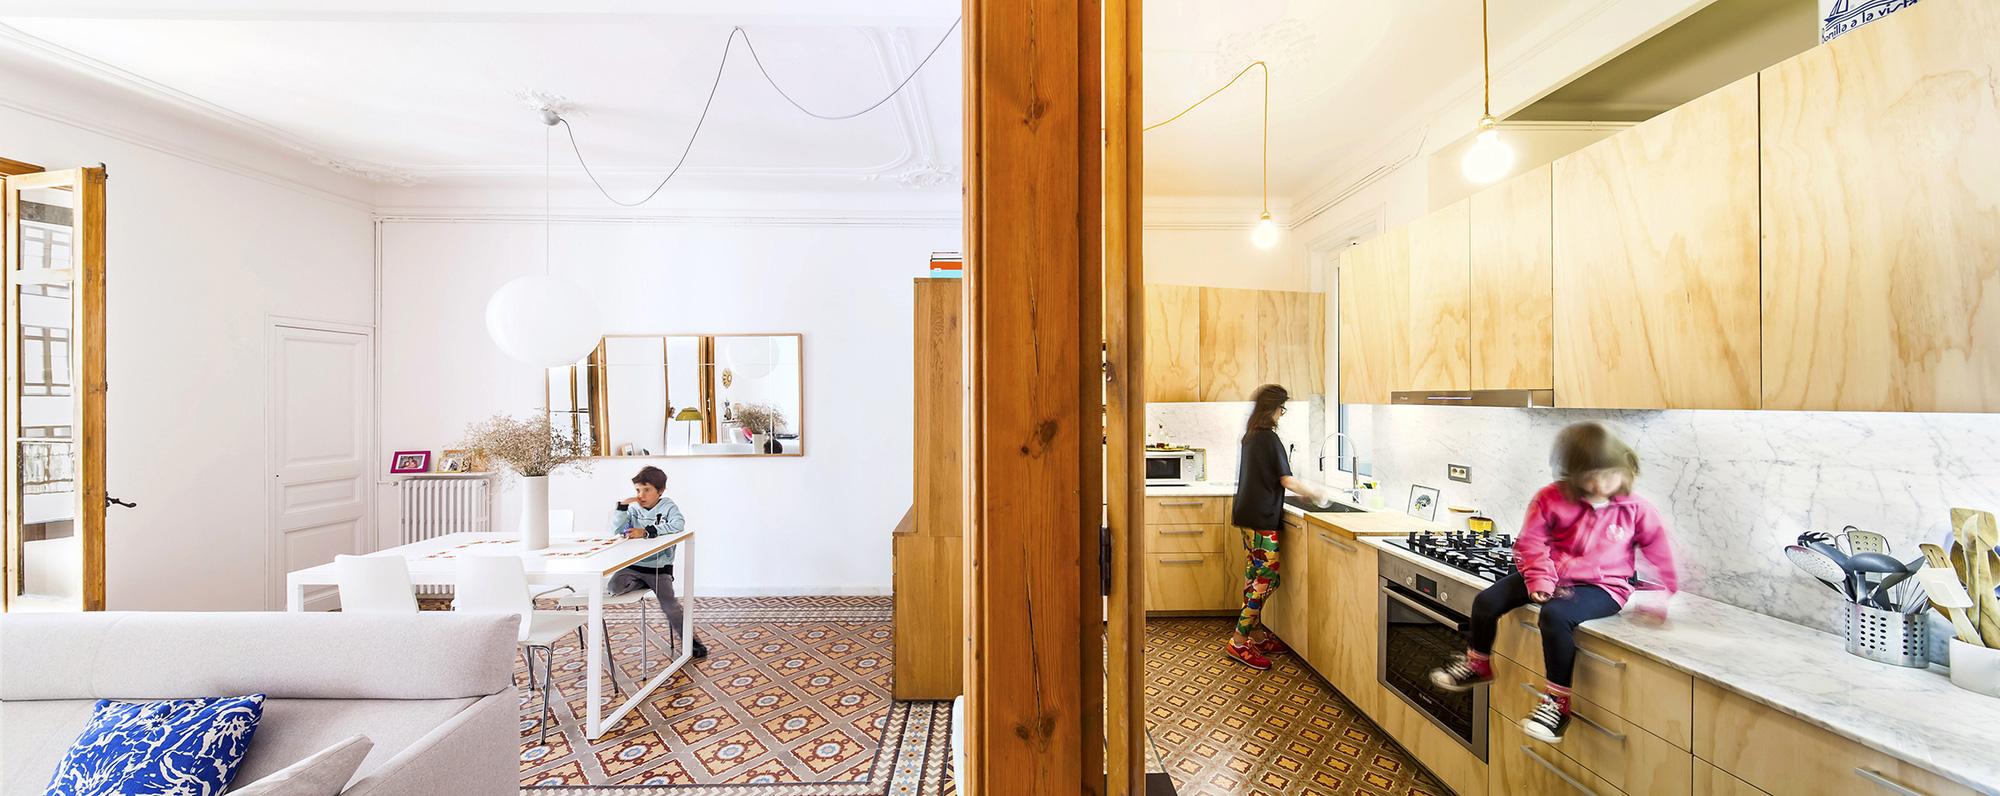 Provença Apartment / NUG (9)